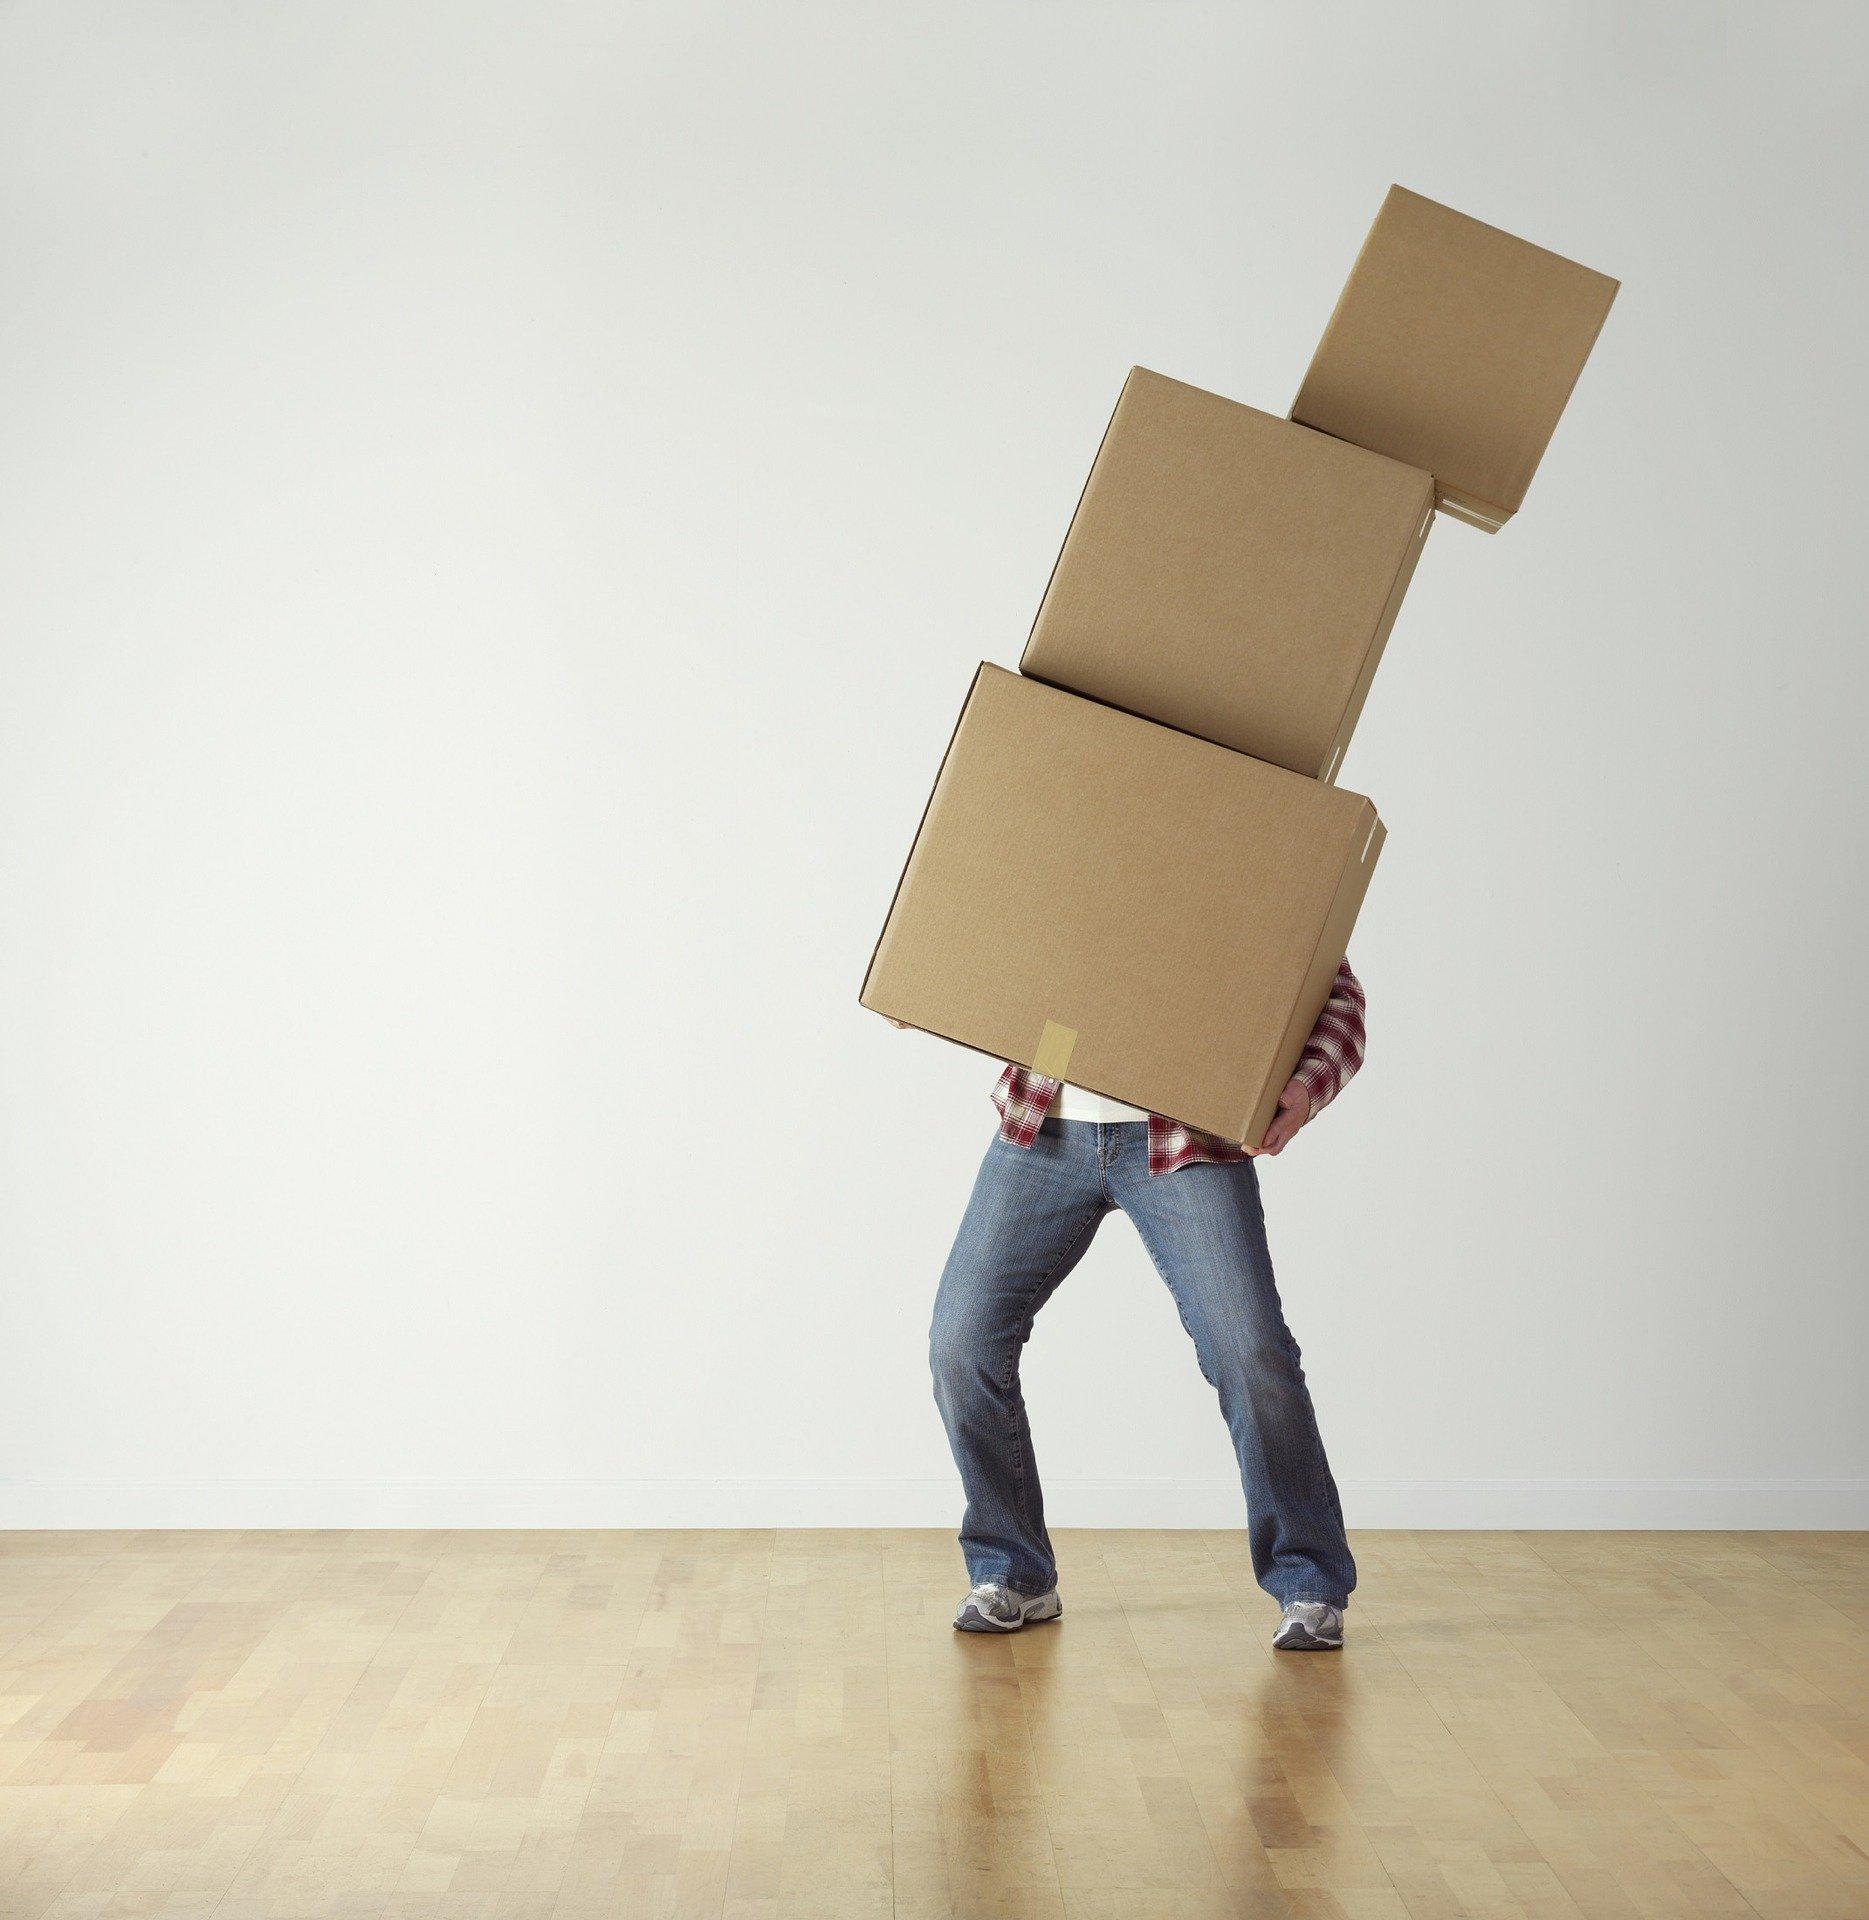 expatriés et le déménagement international